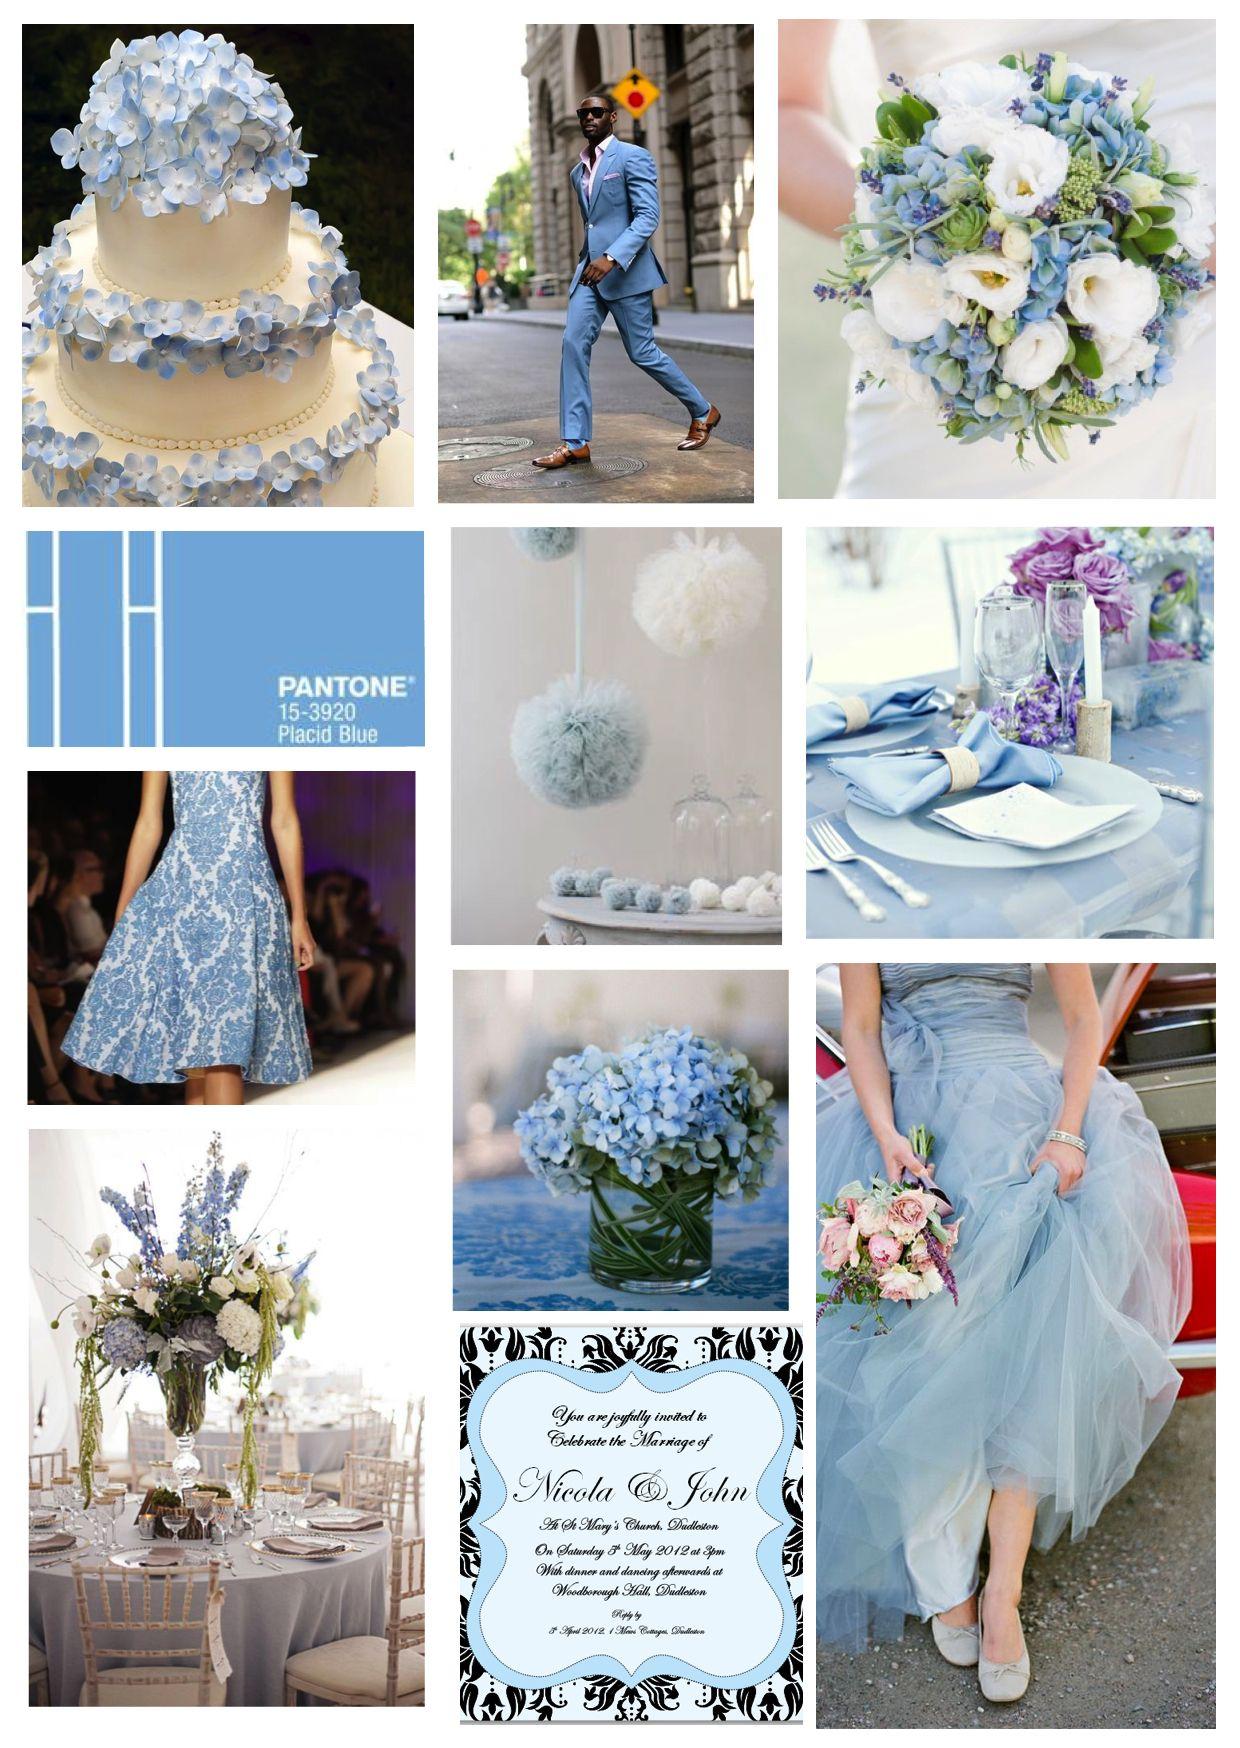 Placid Blue wedding ideas beauty Pinterest